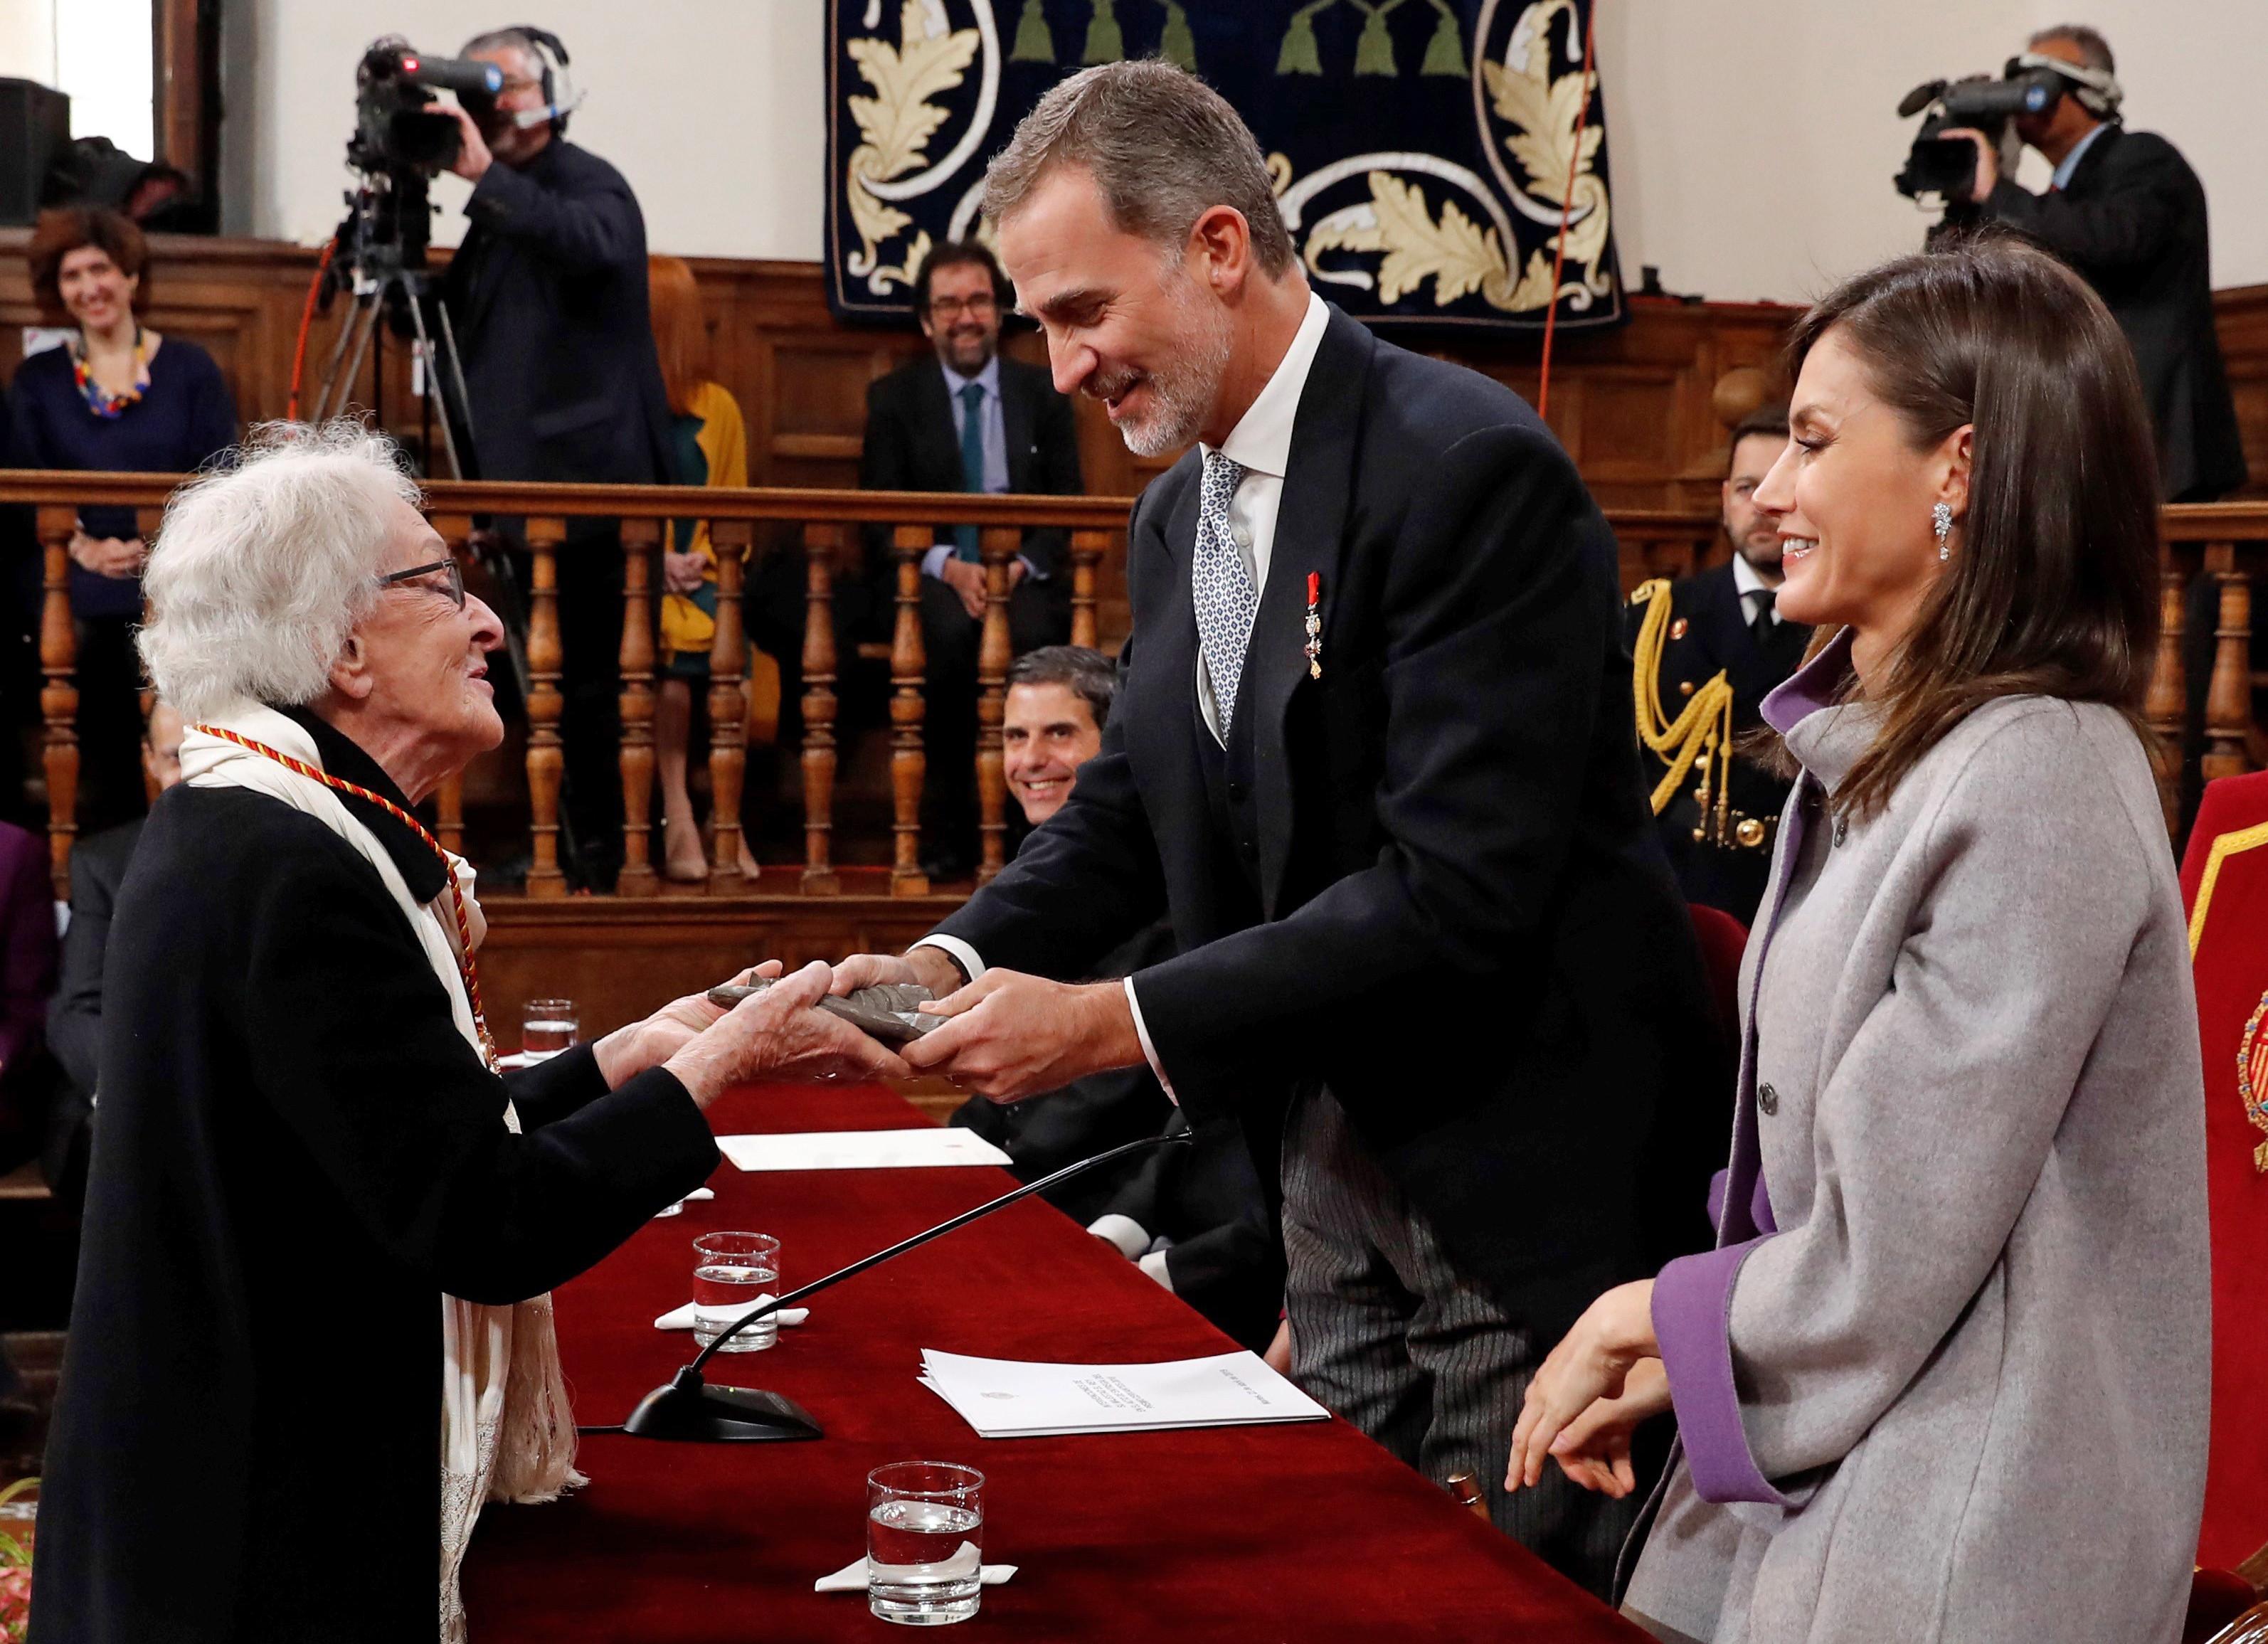 Poetisa Ida Vitale recebe Prémio Cervantes das mãos do rei de Espanha